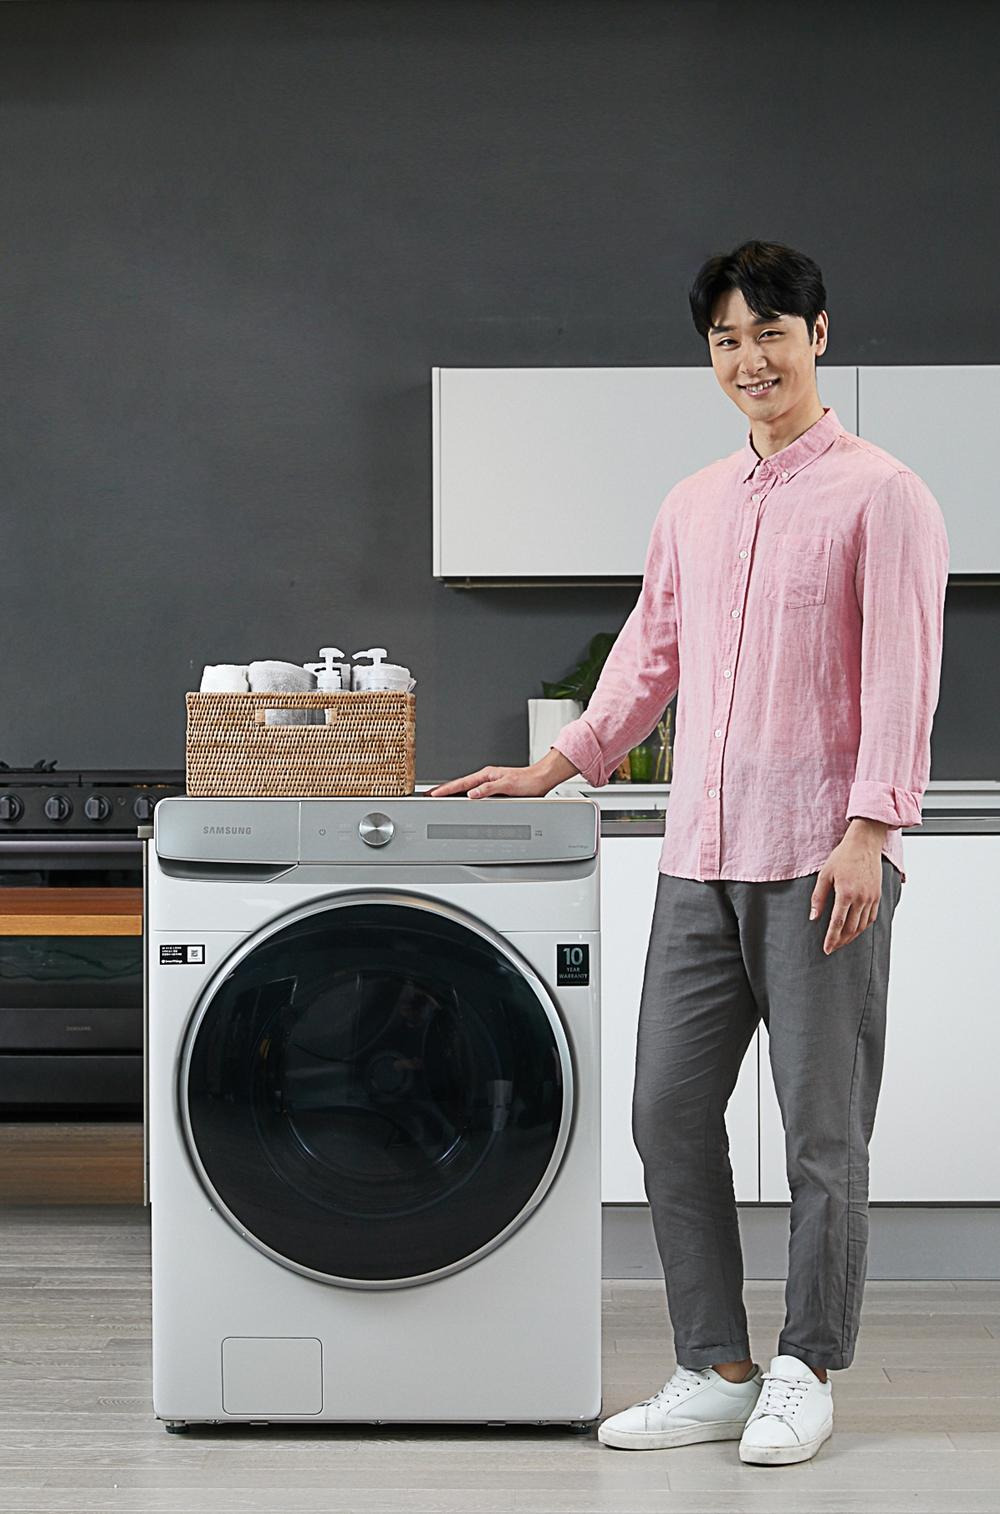 그랑데AI 세탁기 국내 최대 용량 출시(3)